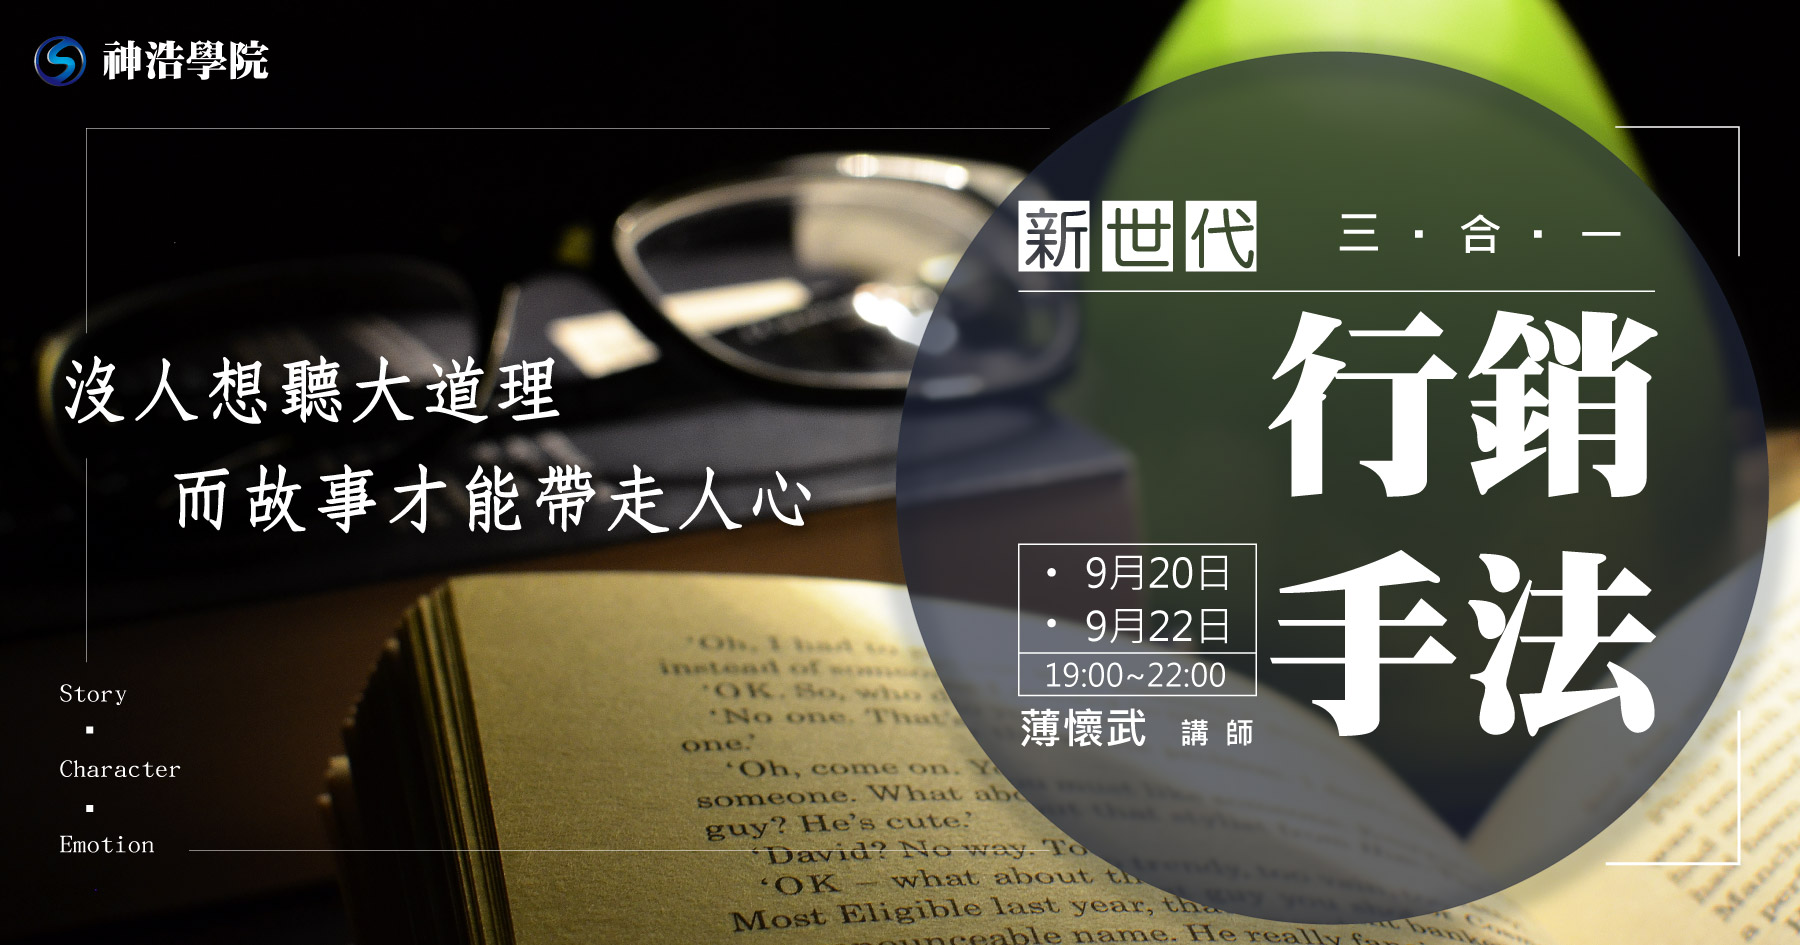 *課程延期,暫停報名*【神浩學院】新世代行銷手法三合一(故事+角色+感動)